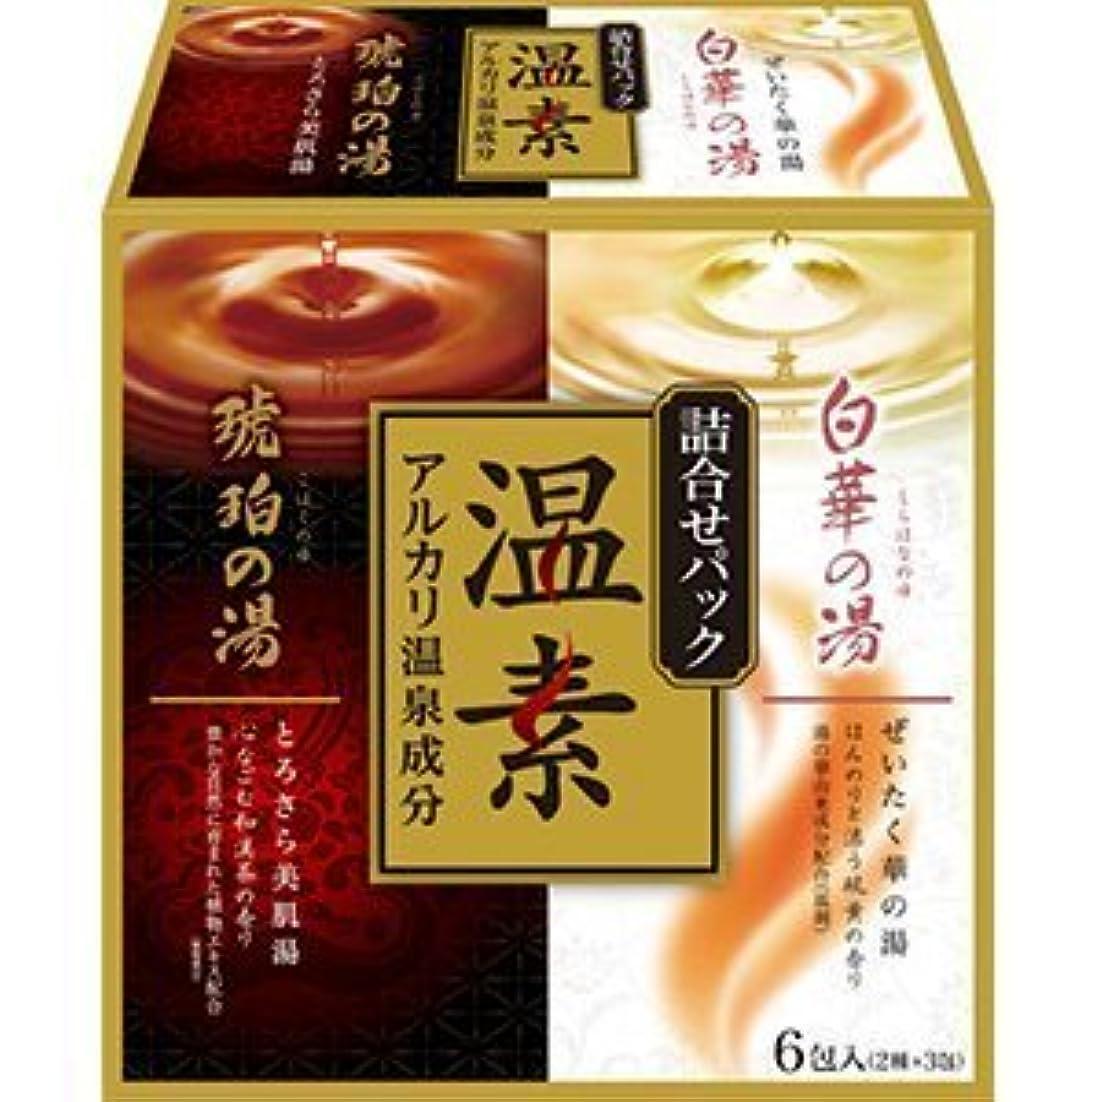 申込み生きる信頼性温素 琥珀の湯&白華の湯 詰合せパック × 3個セット